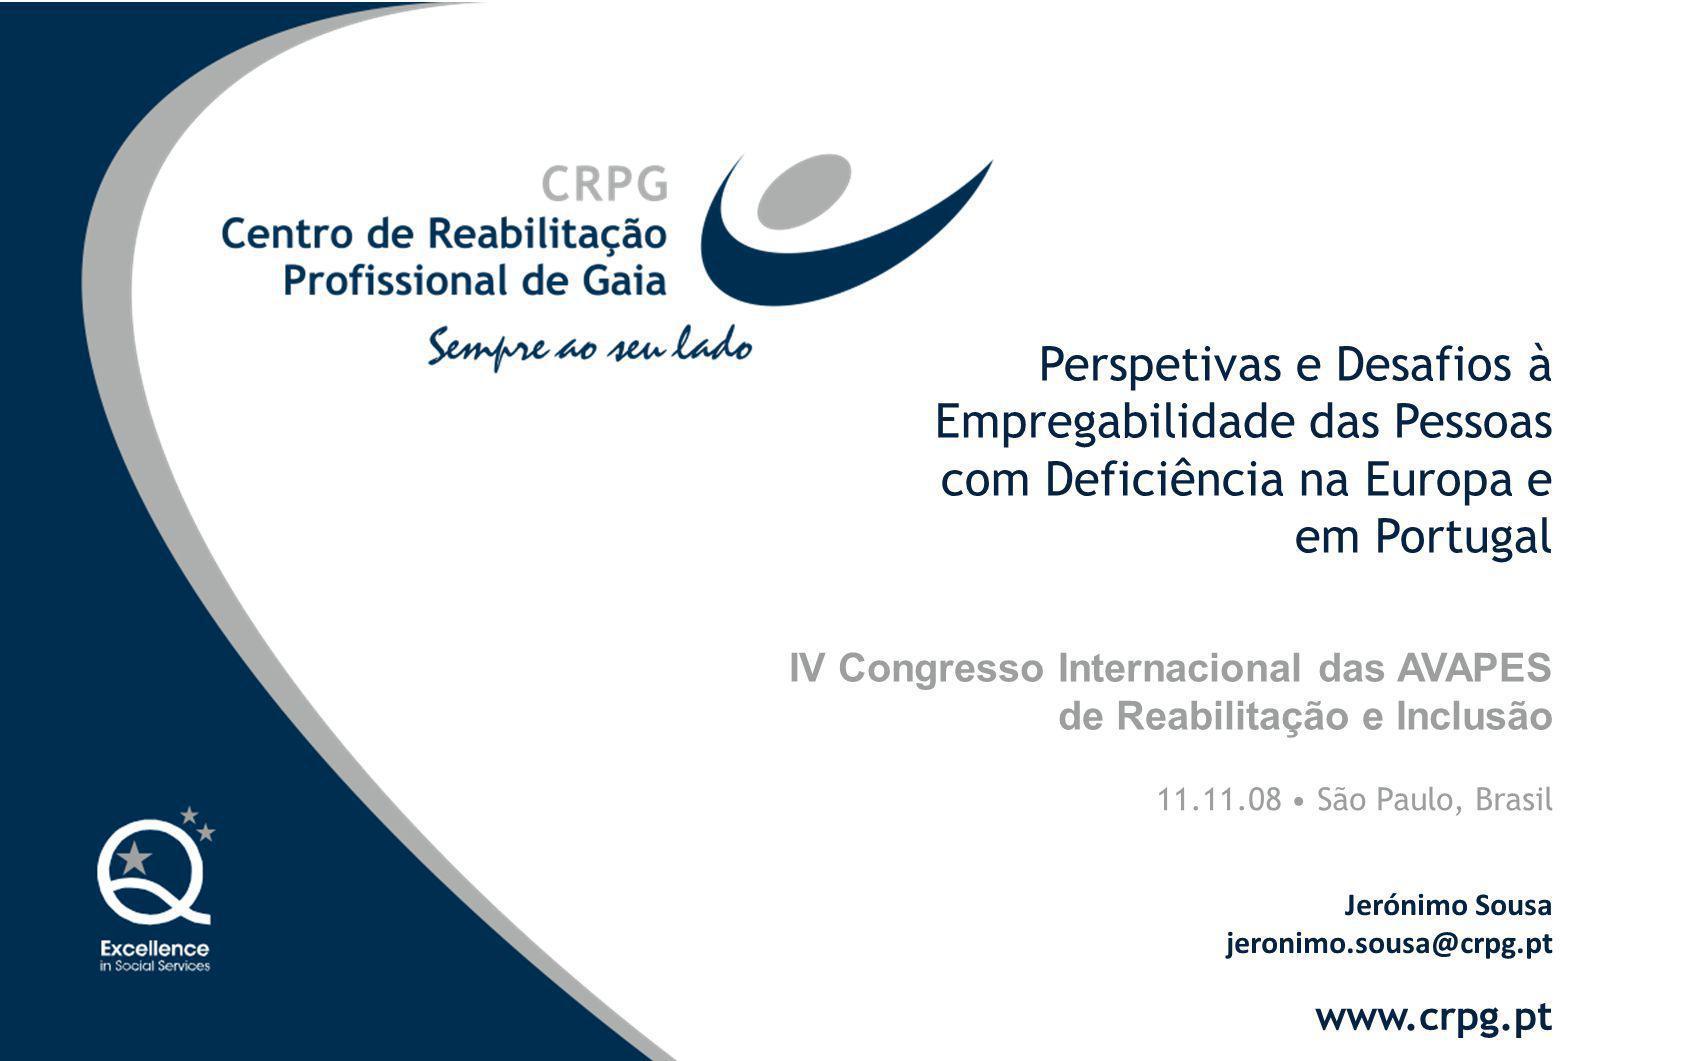 IV Congresso Internacional das AVAPES de Reabilitação e Inclusão